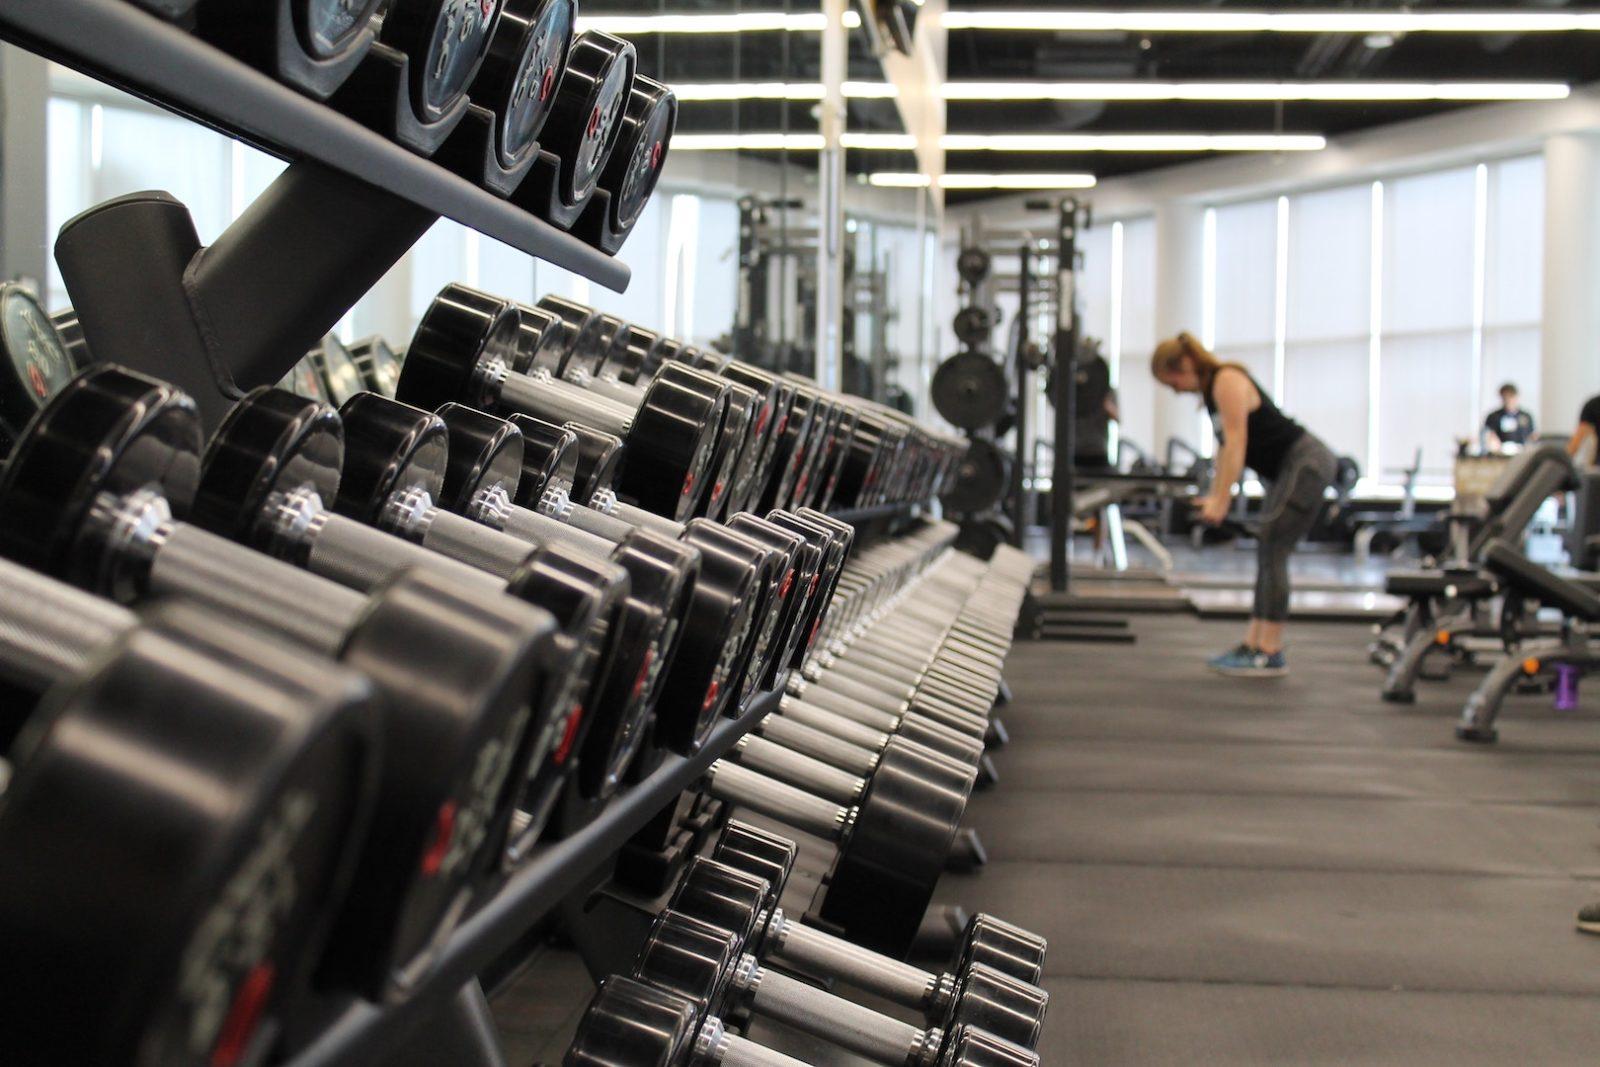 За здраве е полезно спортното ходене на бягаща пътека, за отслабване - фитбол и аеробика, кардио уреди, за здрава дихателна система - йога, за мускули - силови тренажори.